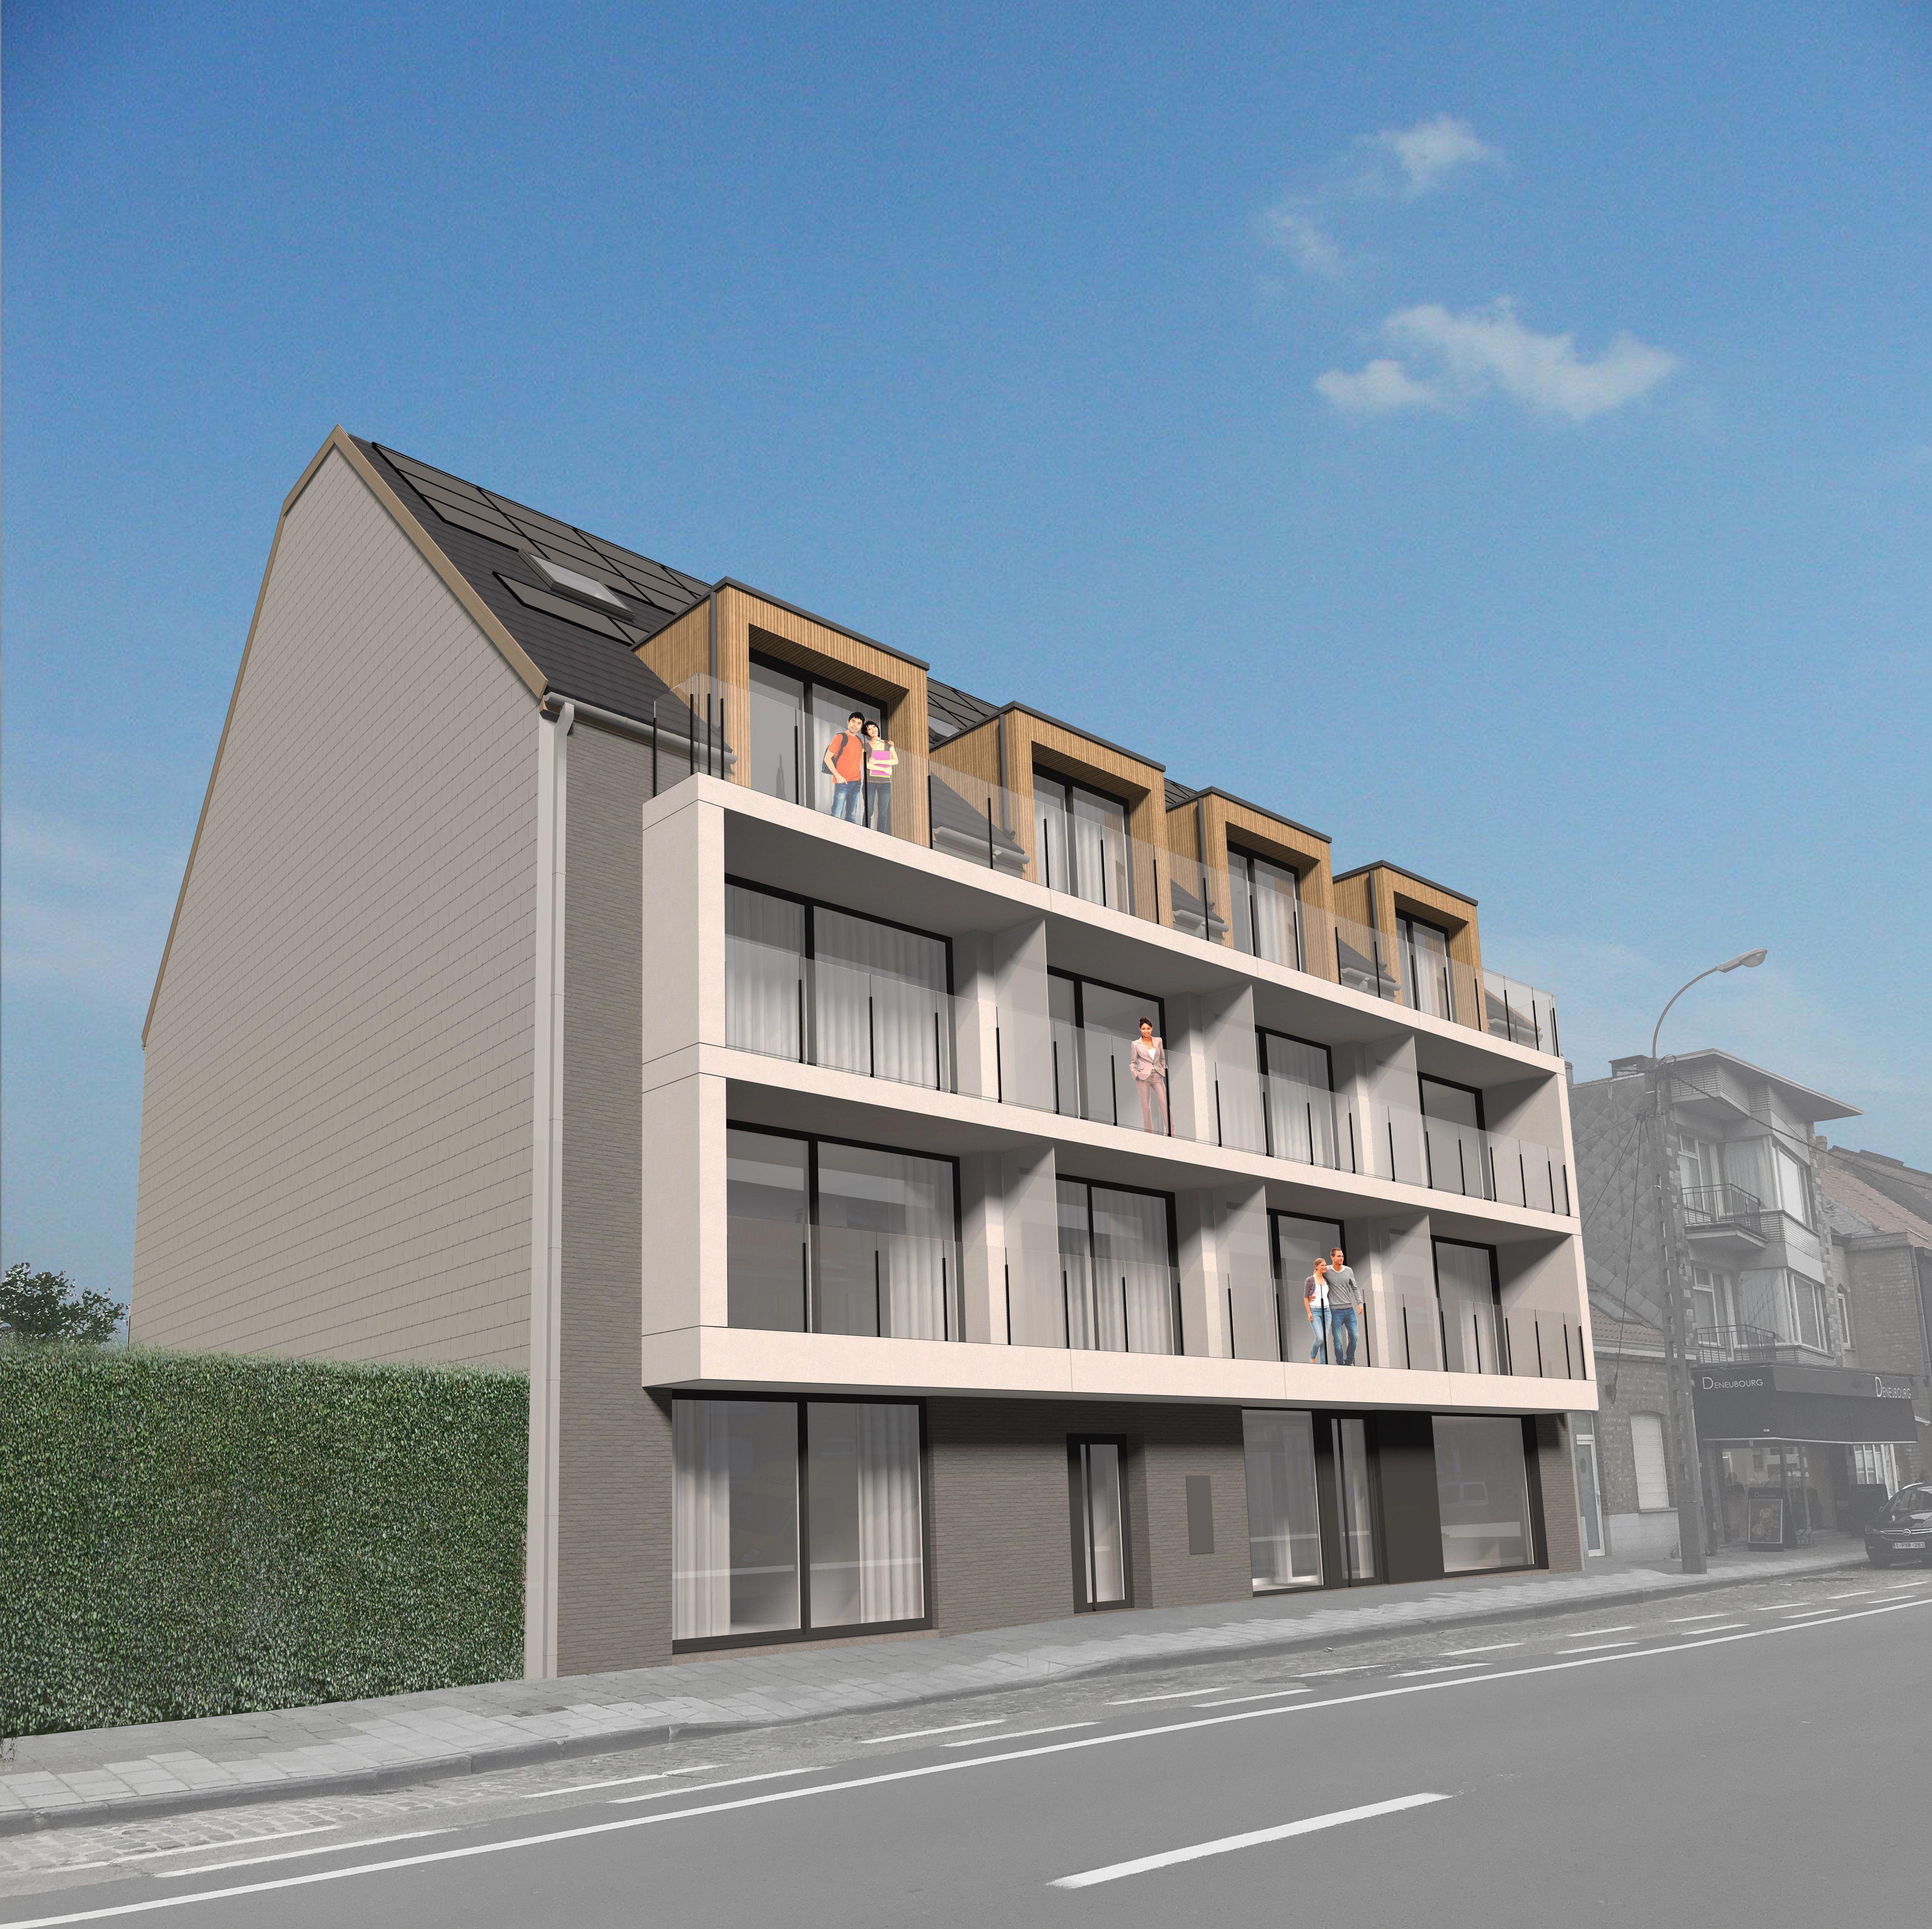 Nieuwbouwappartement met 1 slaapkamer te huur - 10549